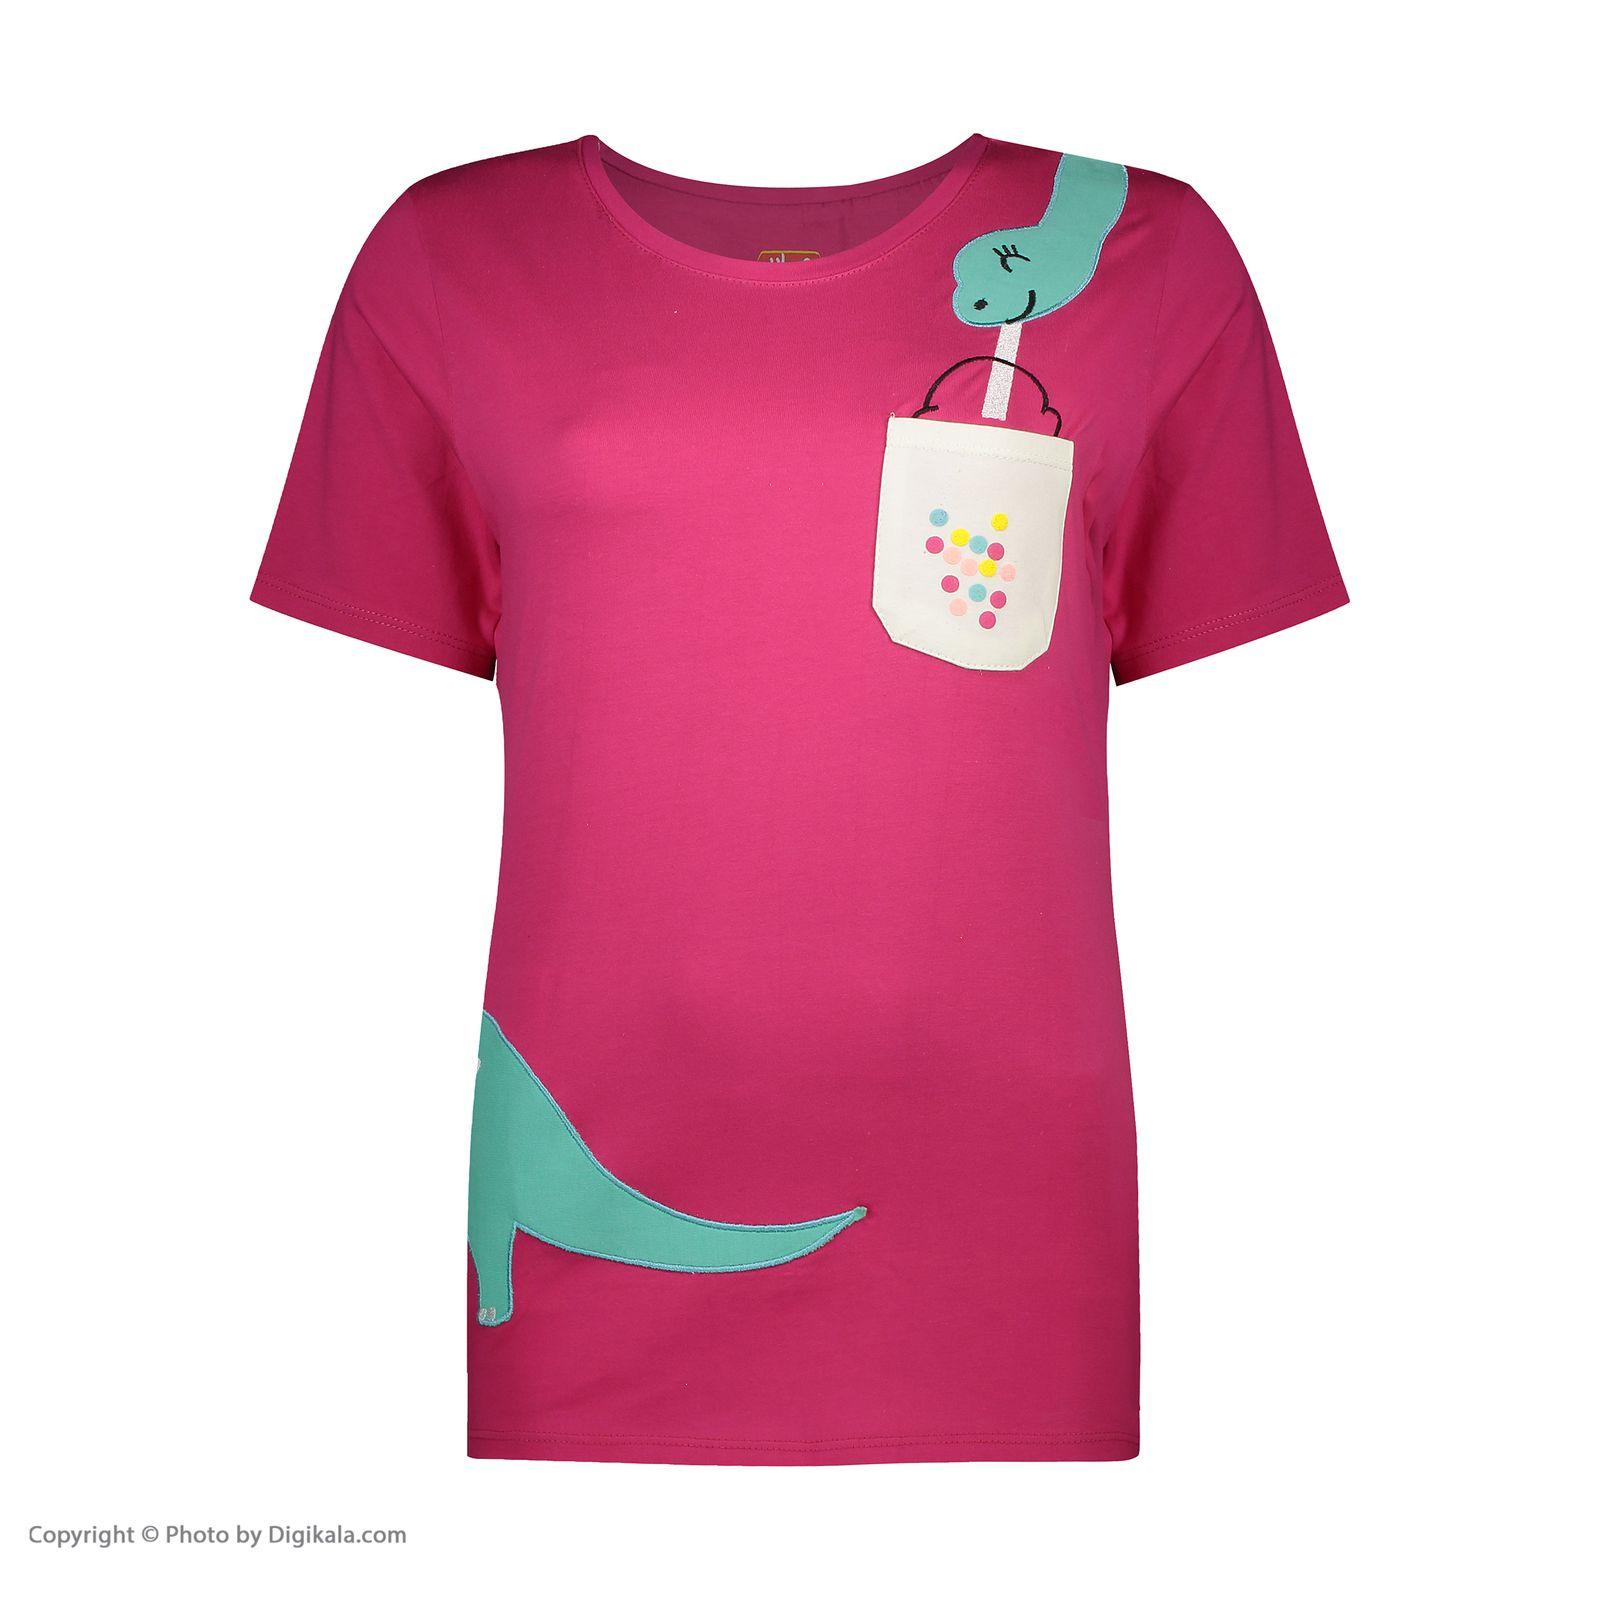 ست تی شرت و شلوارک راحتی زنانه مادر مدل 2041100-66 -  - 4